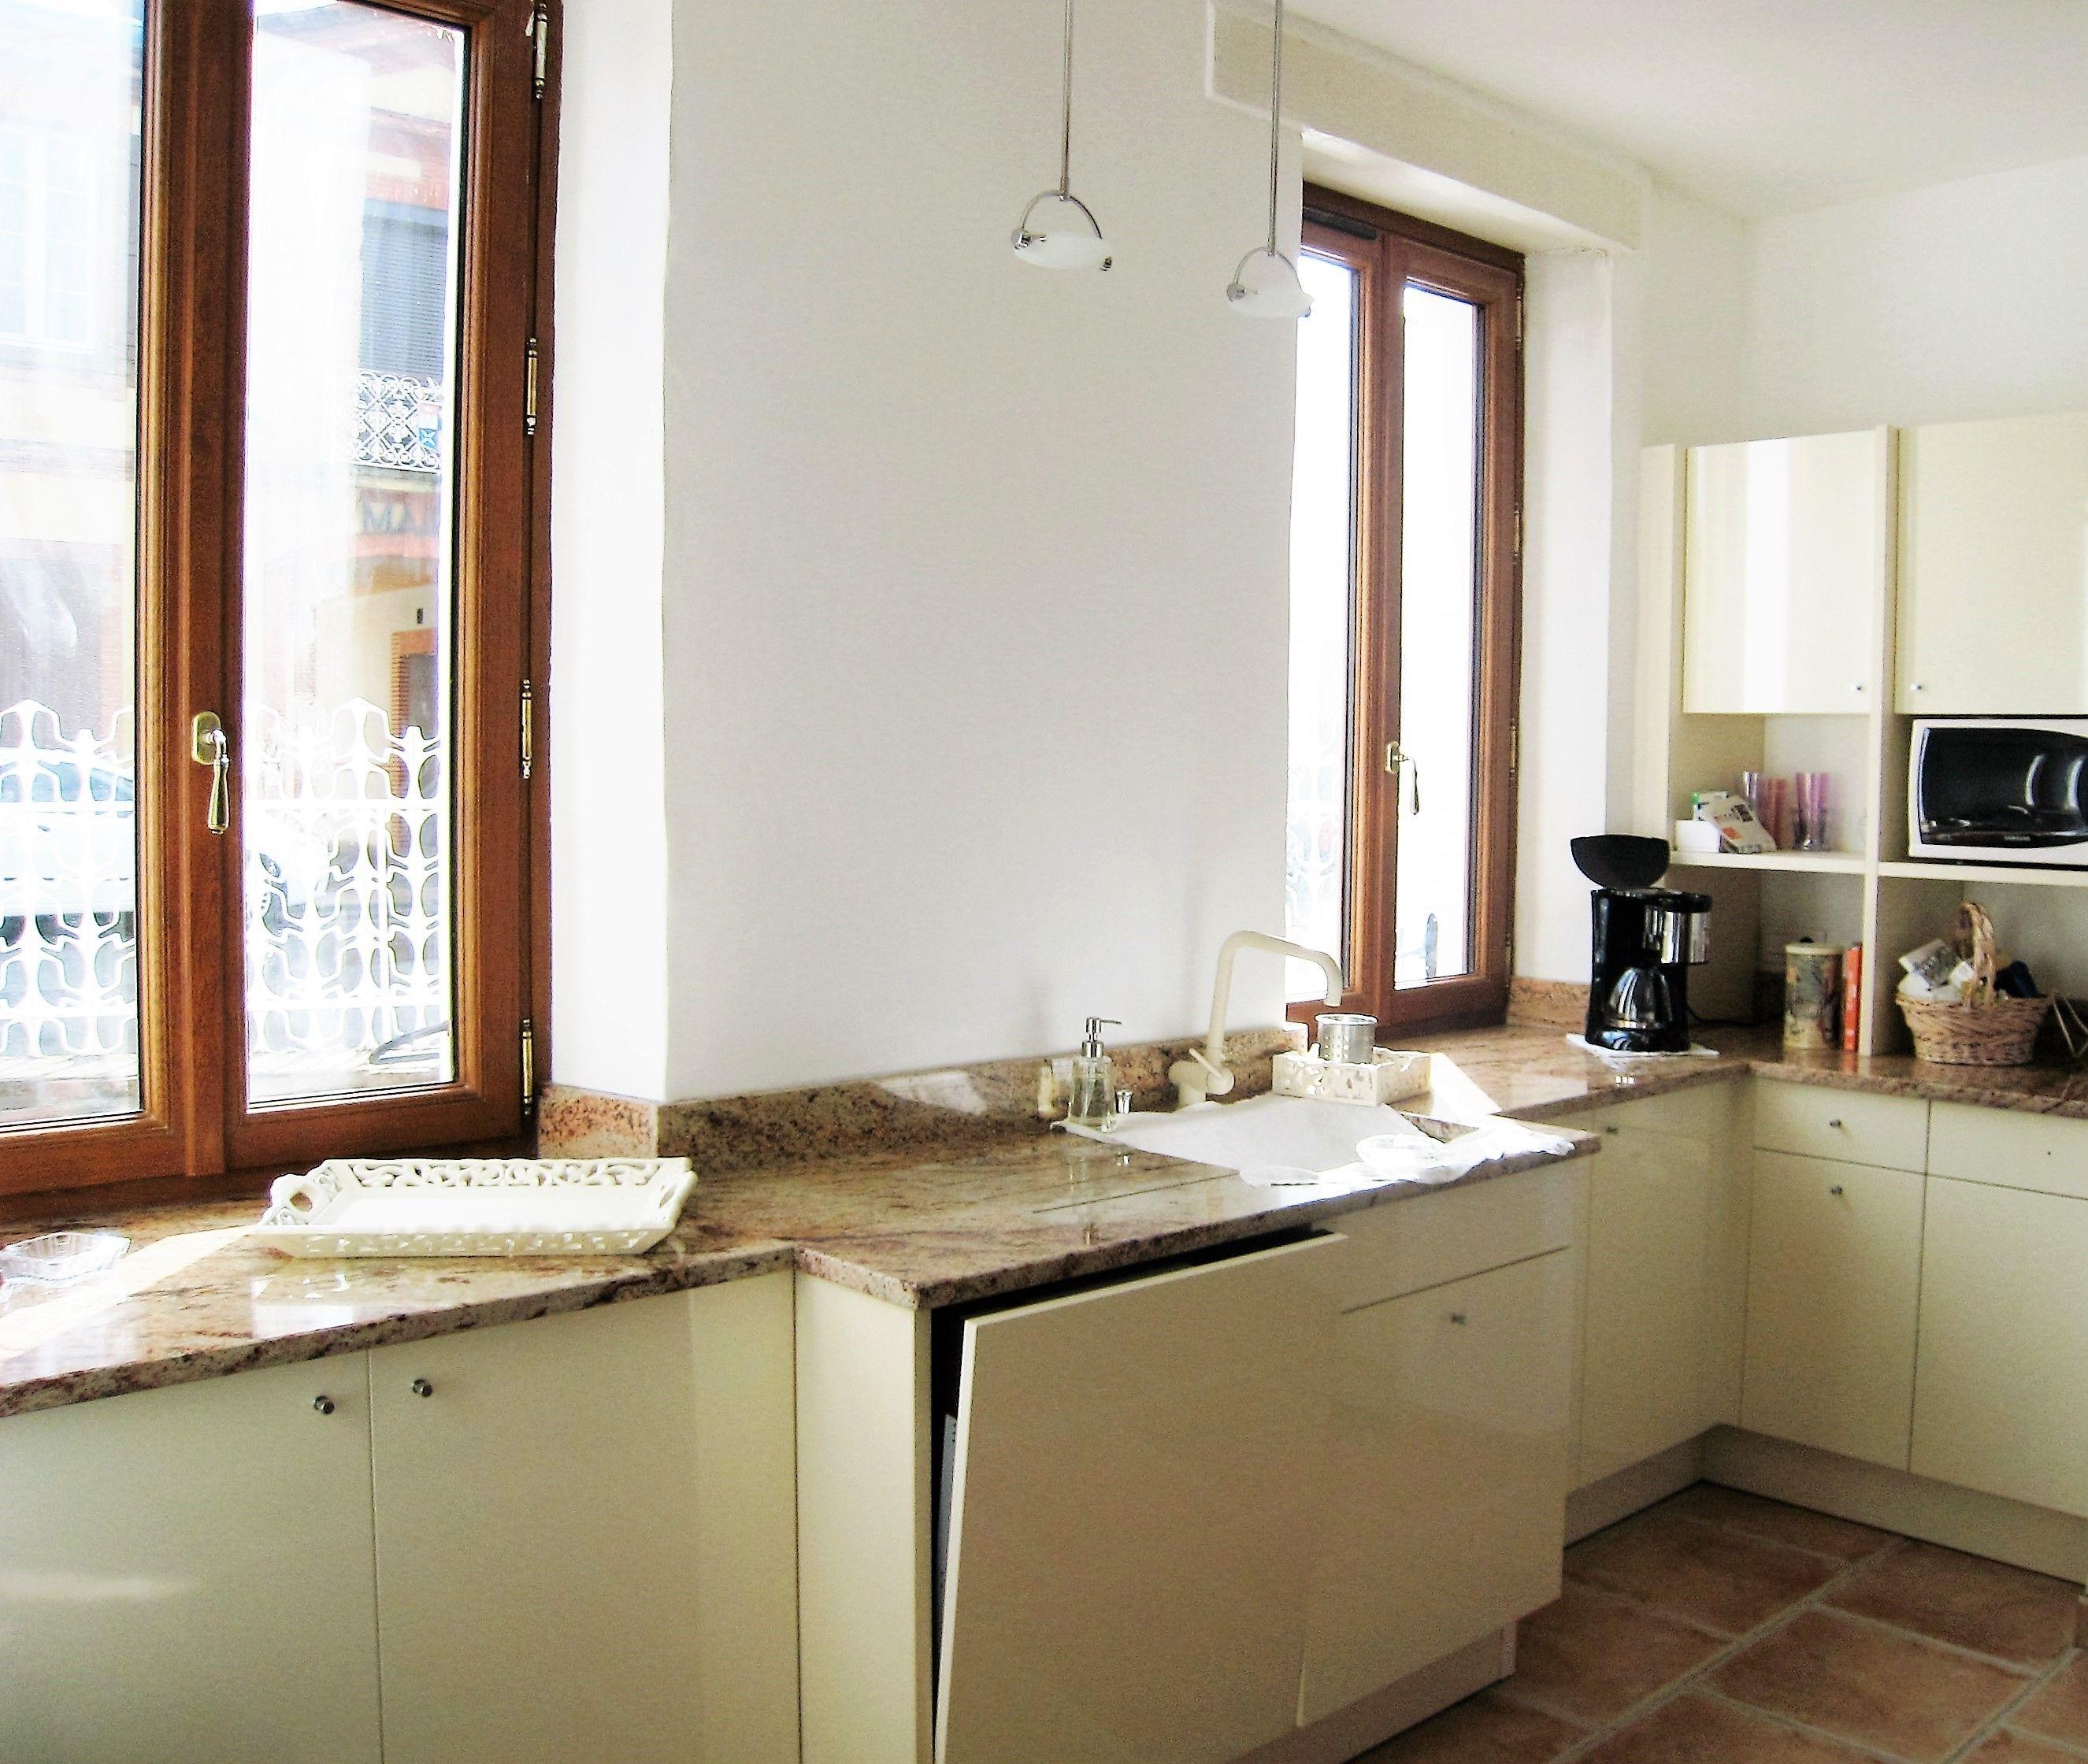 Confort Et Modernite Pour Cette Cuisine De Maison Ancienne Mobilier Laque Ivoire Sur Mesure Plan De Travail En Granit D In Kitchen Kitchen Decor White Kitchen